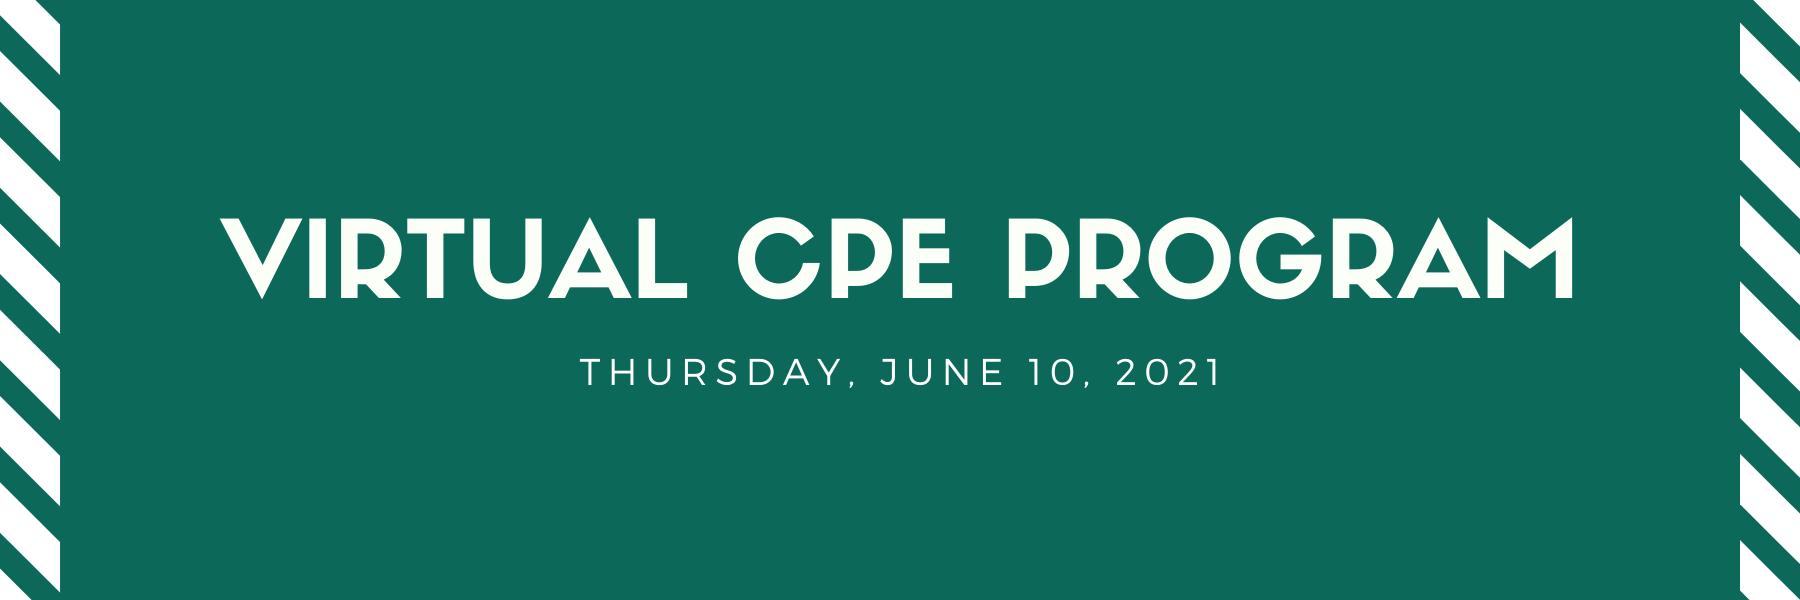 Virtual CPE Program - June 10 Thumbnail